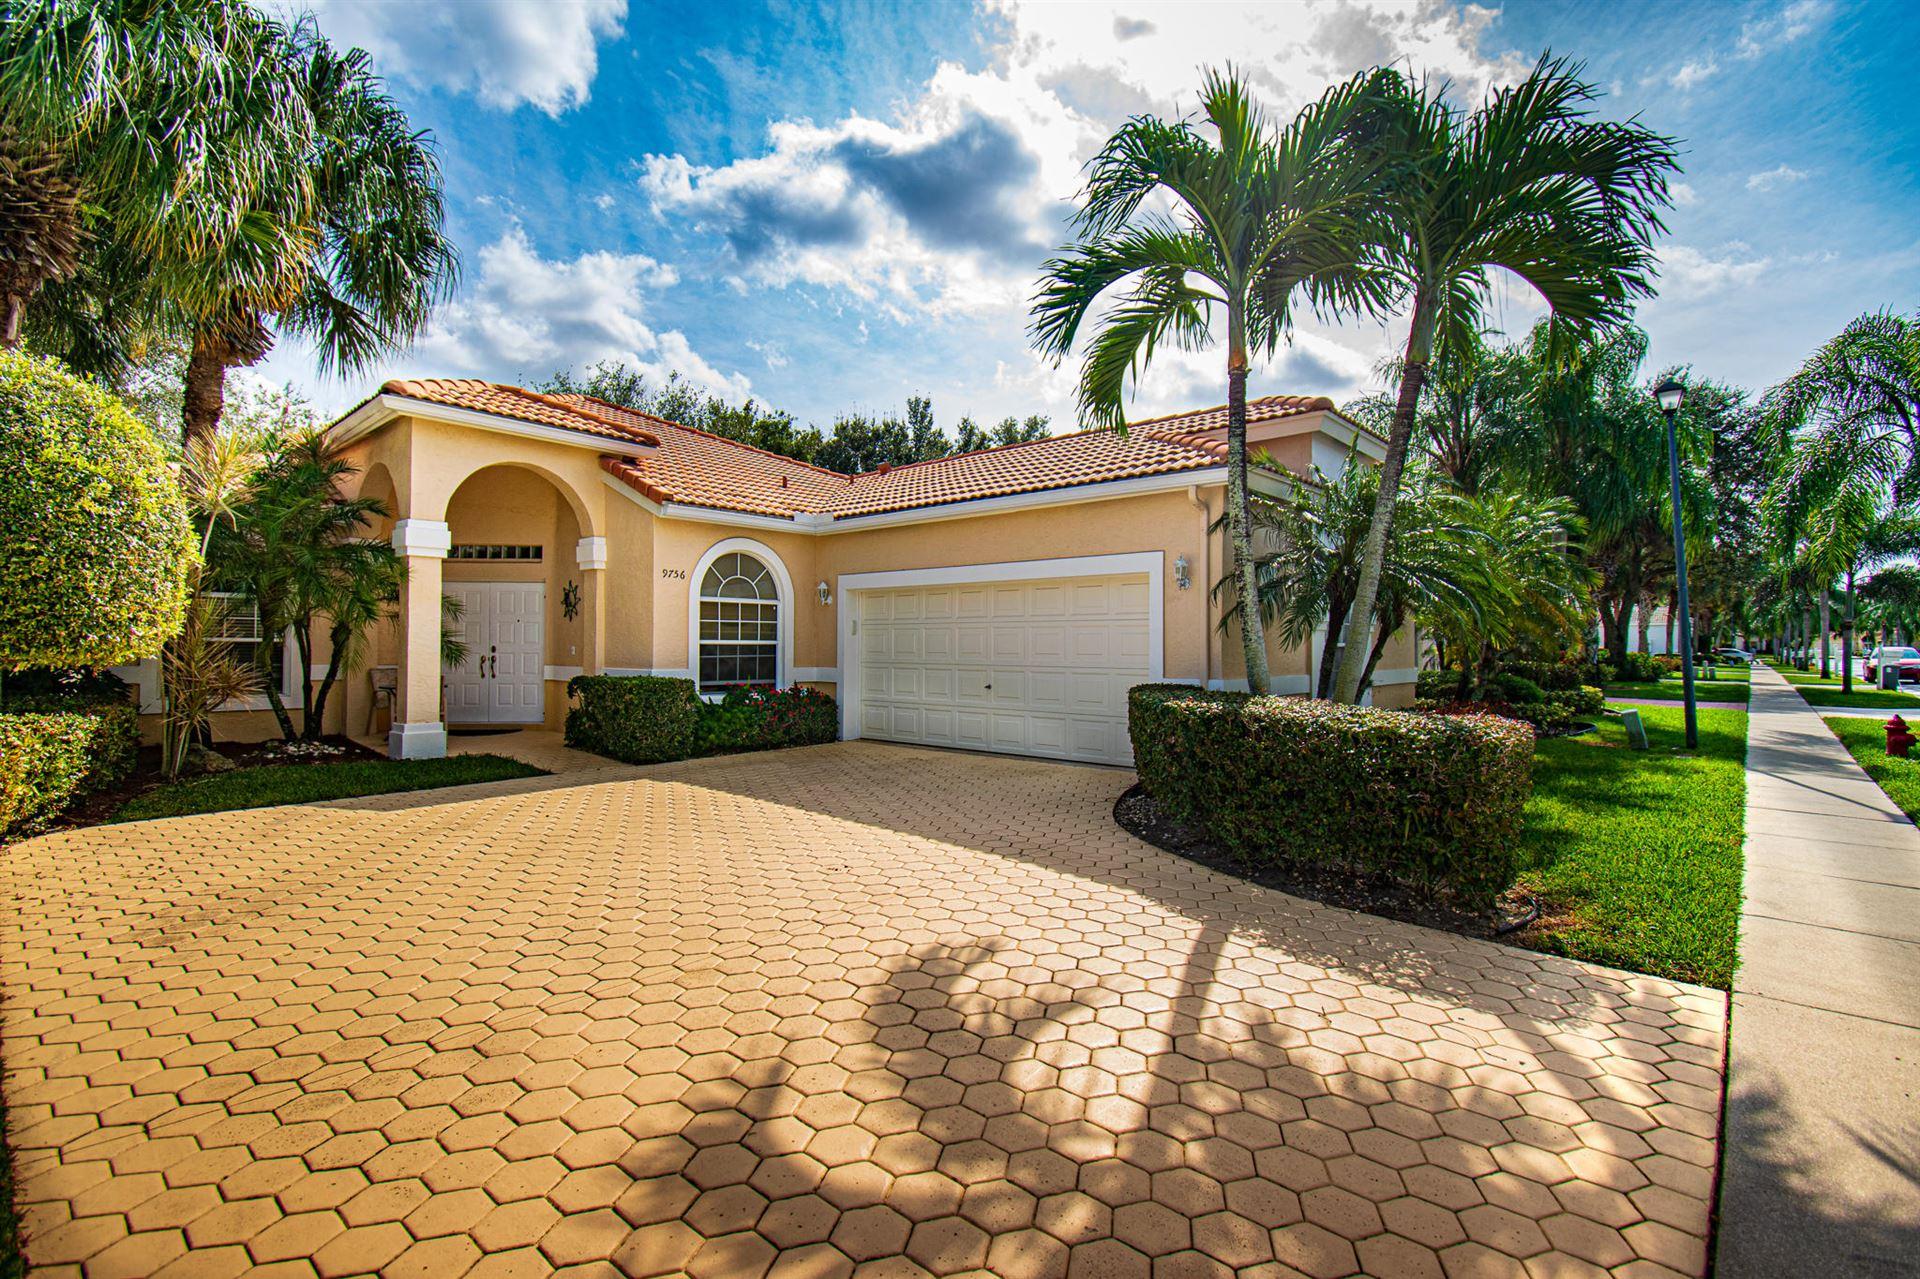 9756 Arbor View Drive S, Boynton Beach, FL 33437 - #: RX-10619833